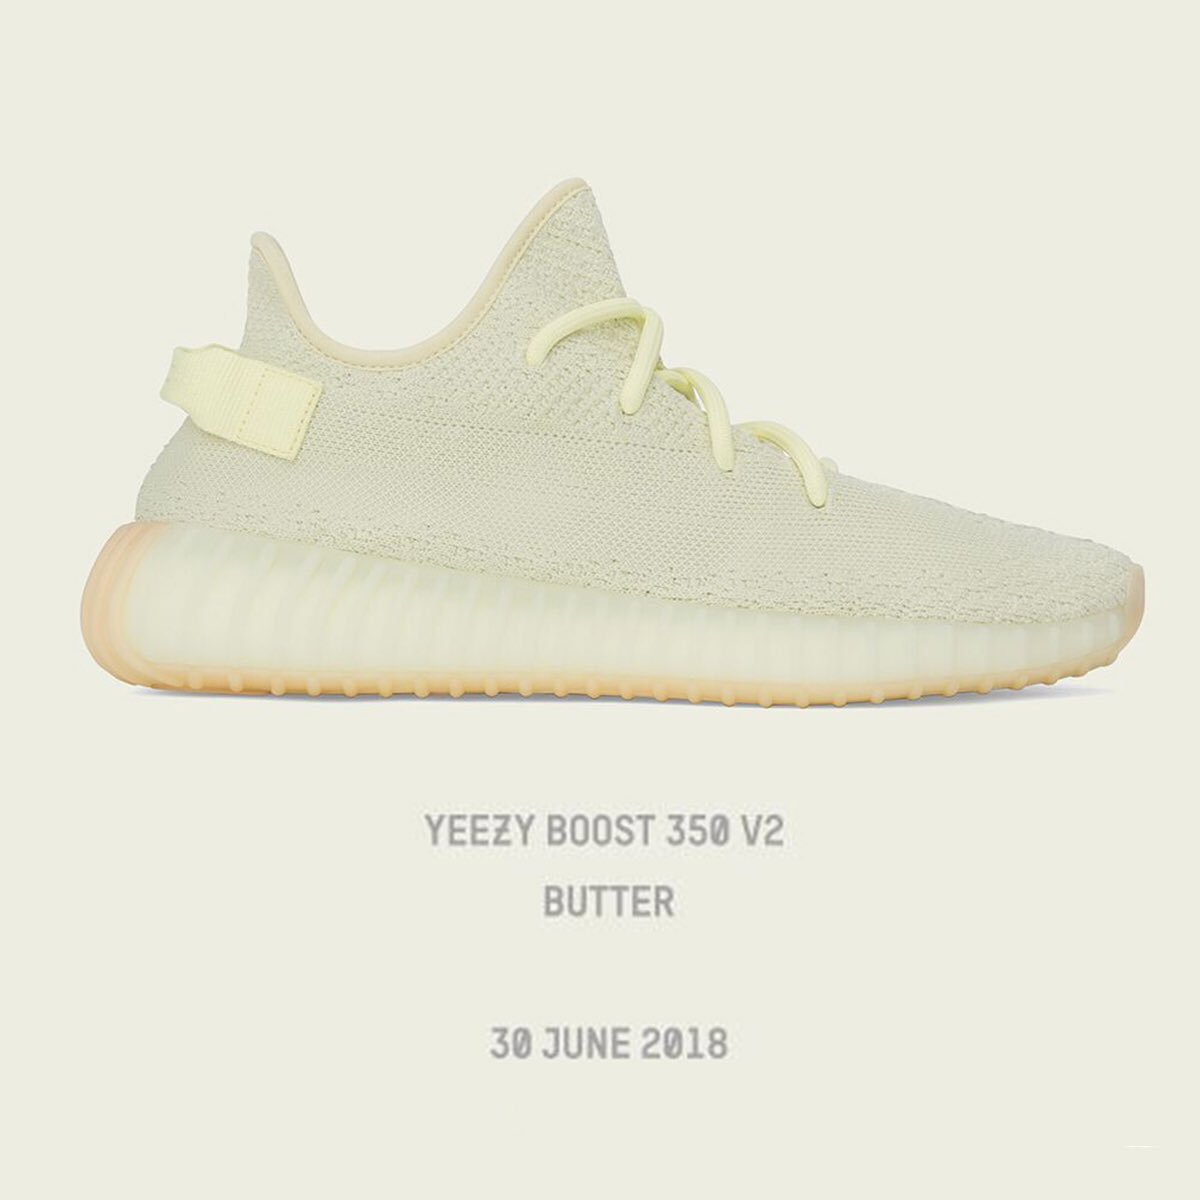 """Yeezy Boost 350 V2 """"Butter"""" online raffle open via Citygear bit.ly/2yziIJt #snkr_twitr"""